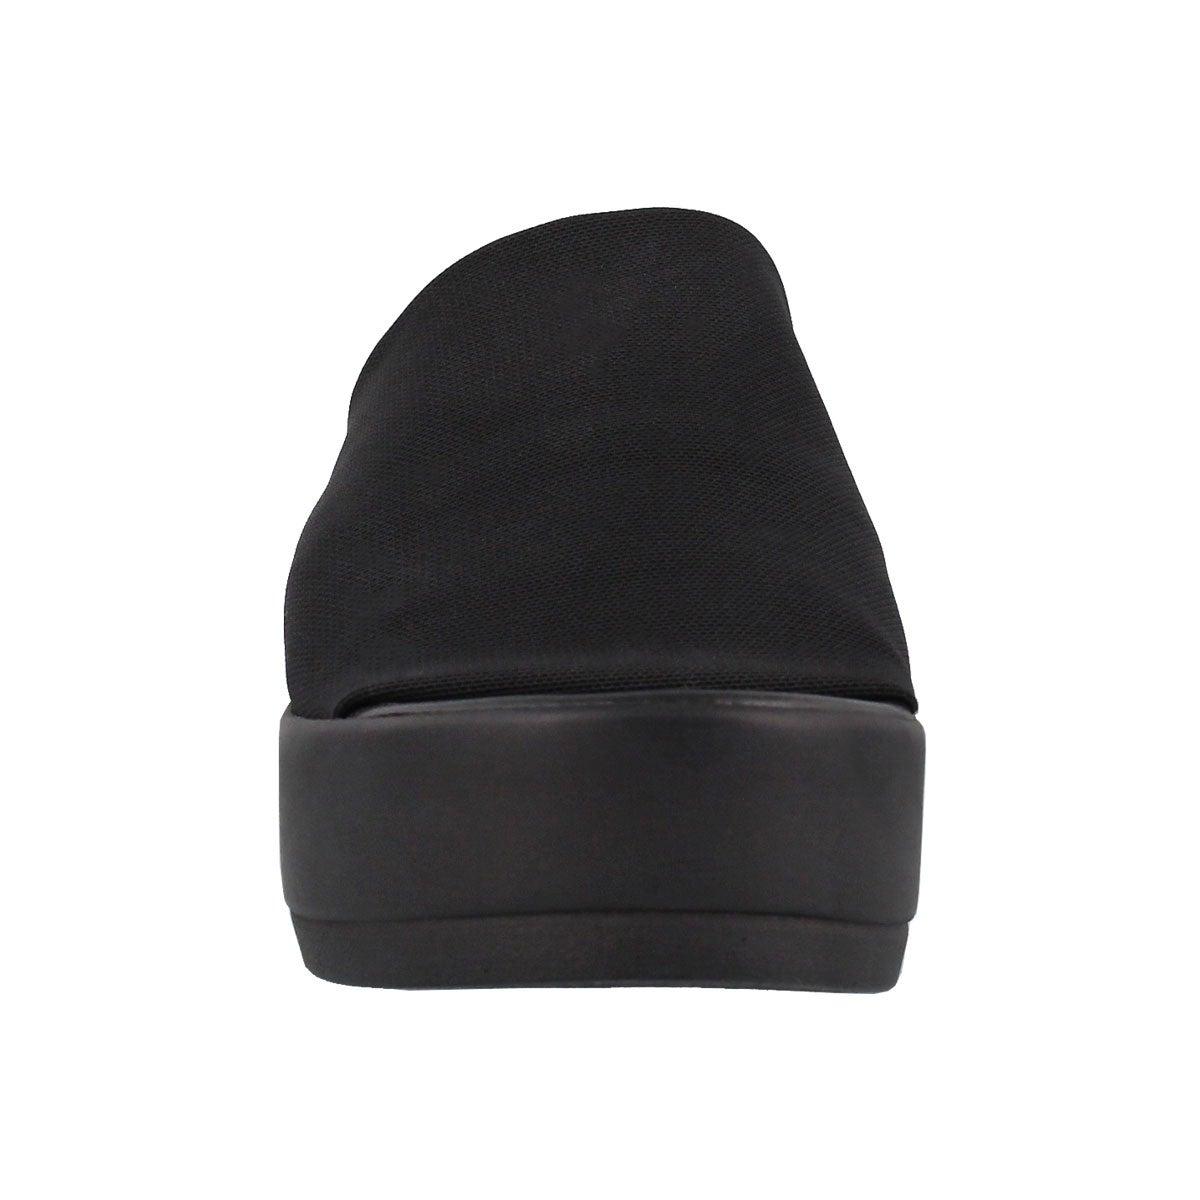 Lds Slinky black slide wedge sandal